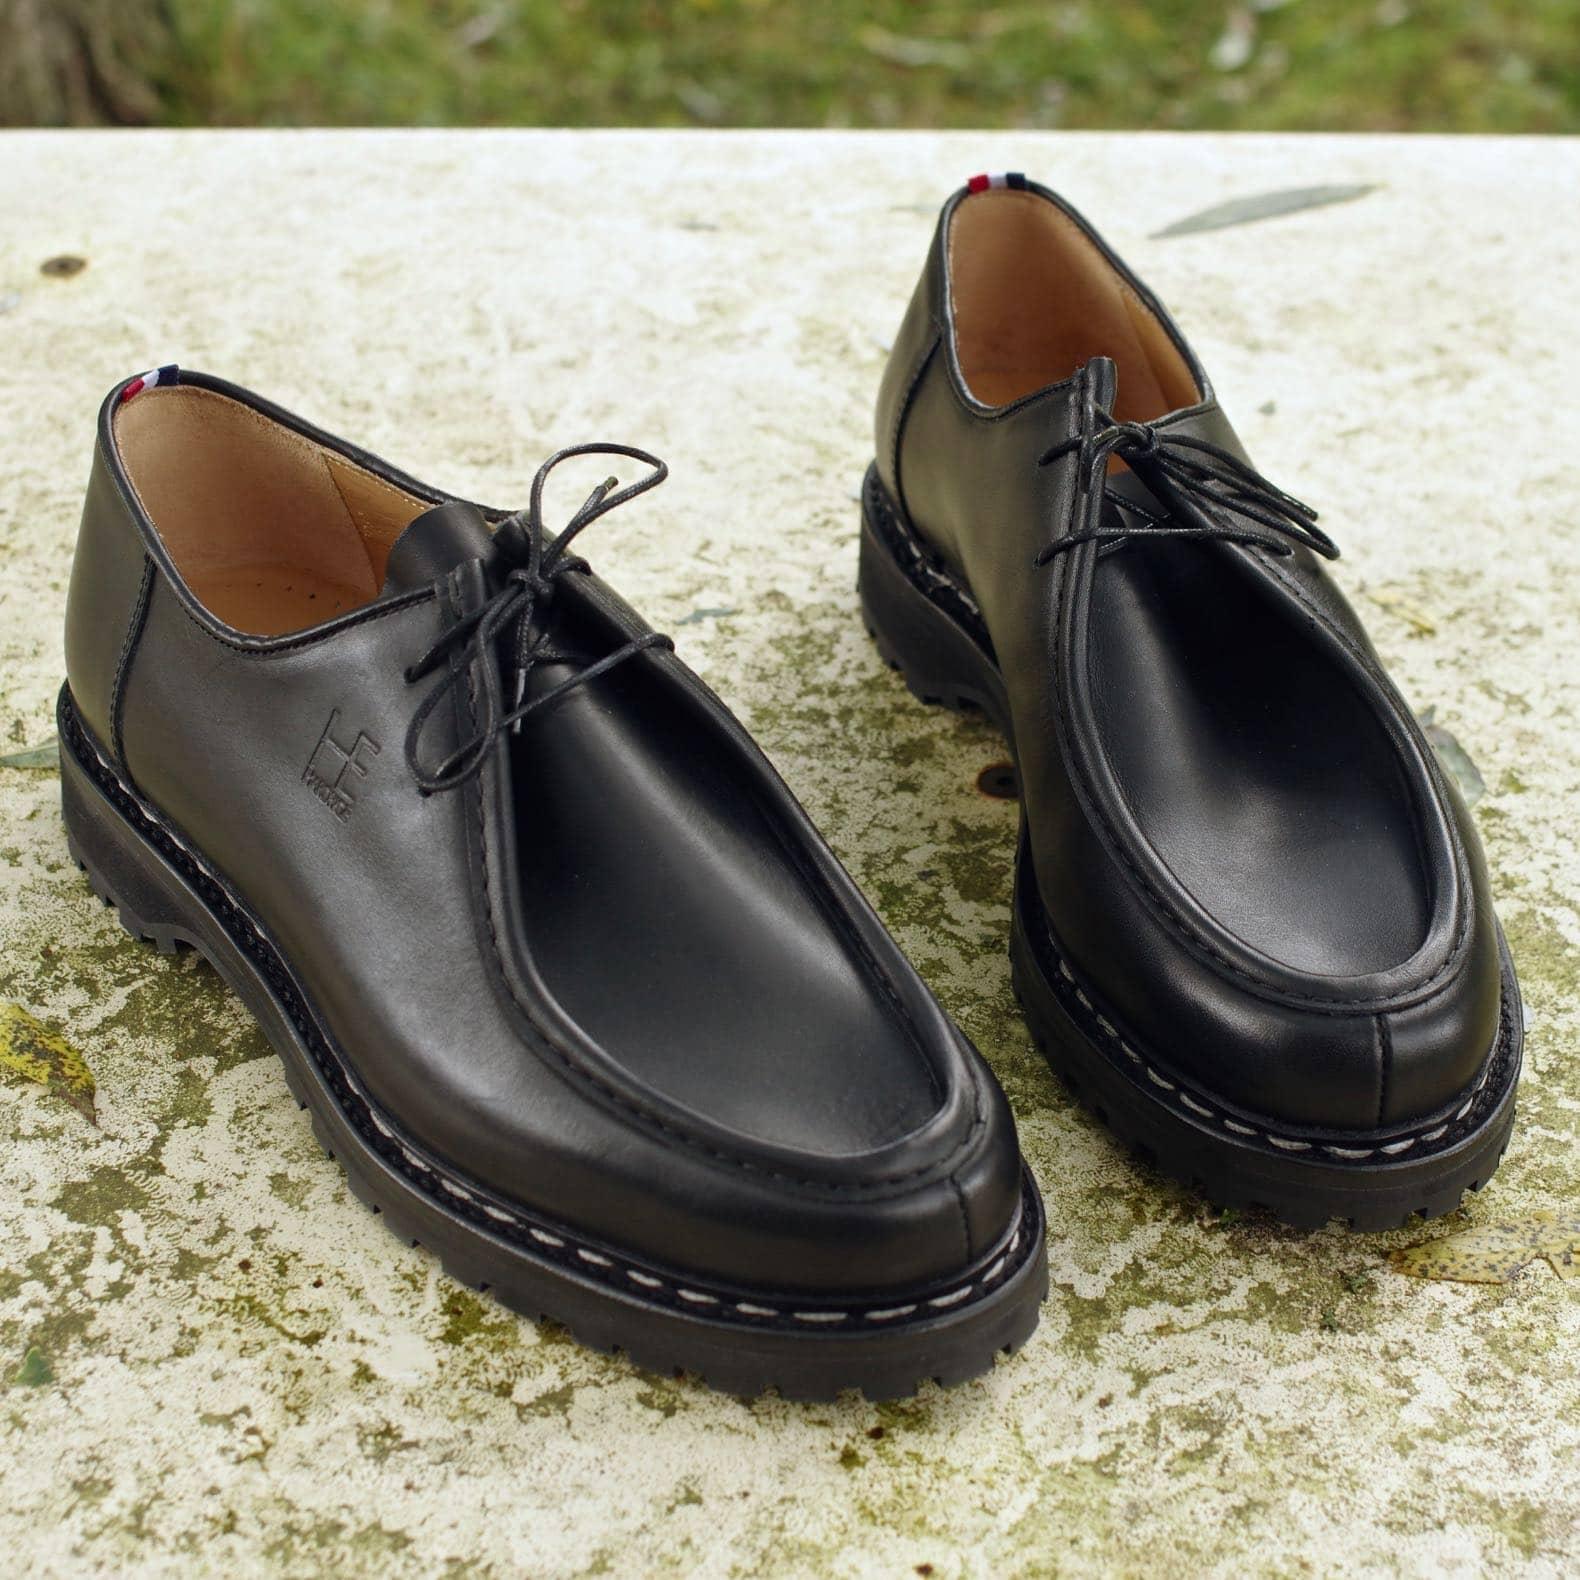 chaussure noire semelle crampon